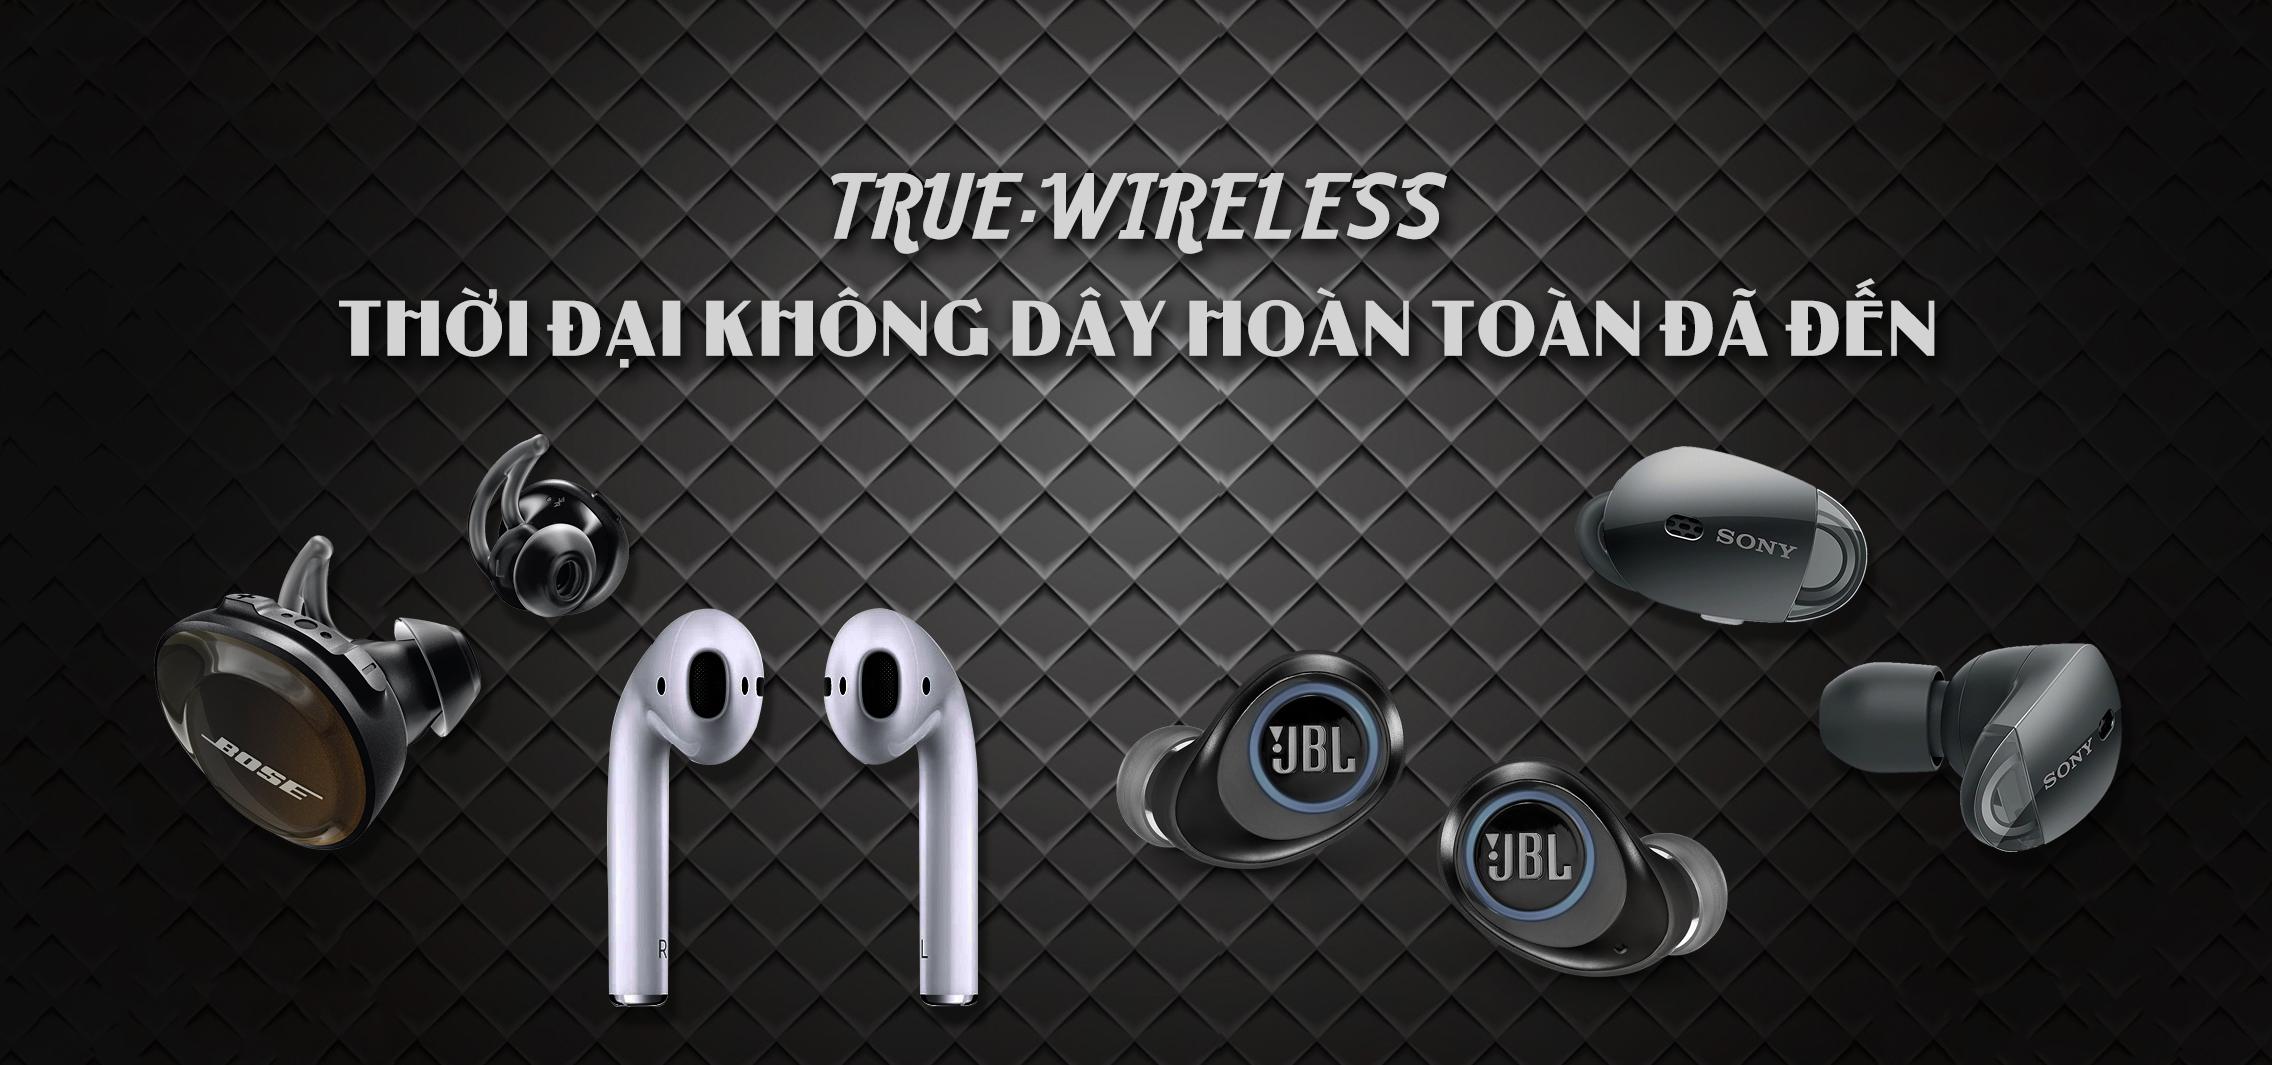 KHONG DAY HOAN TOAN